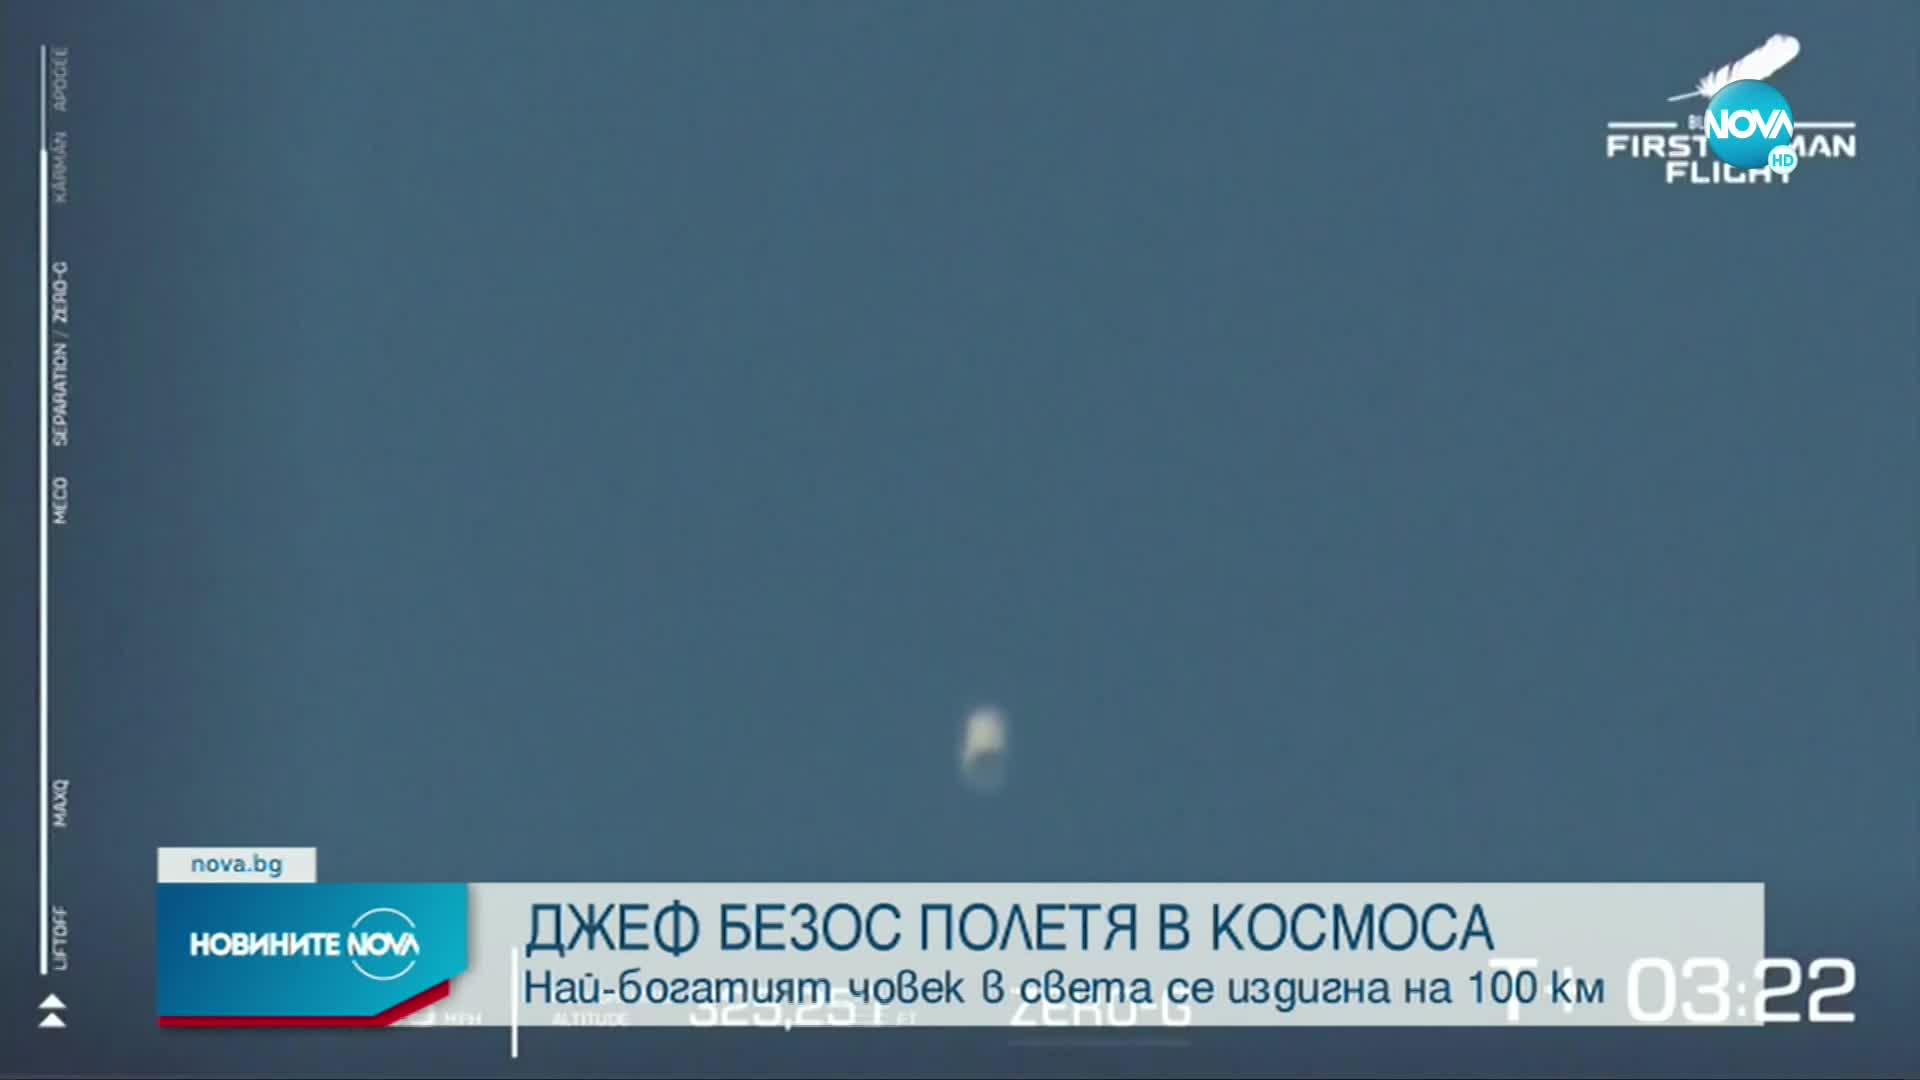 Джеф Безос излетя в Космоса с частна капсула